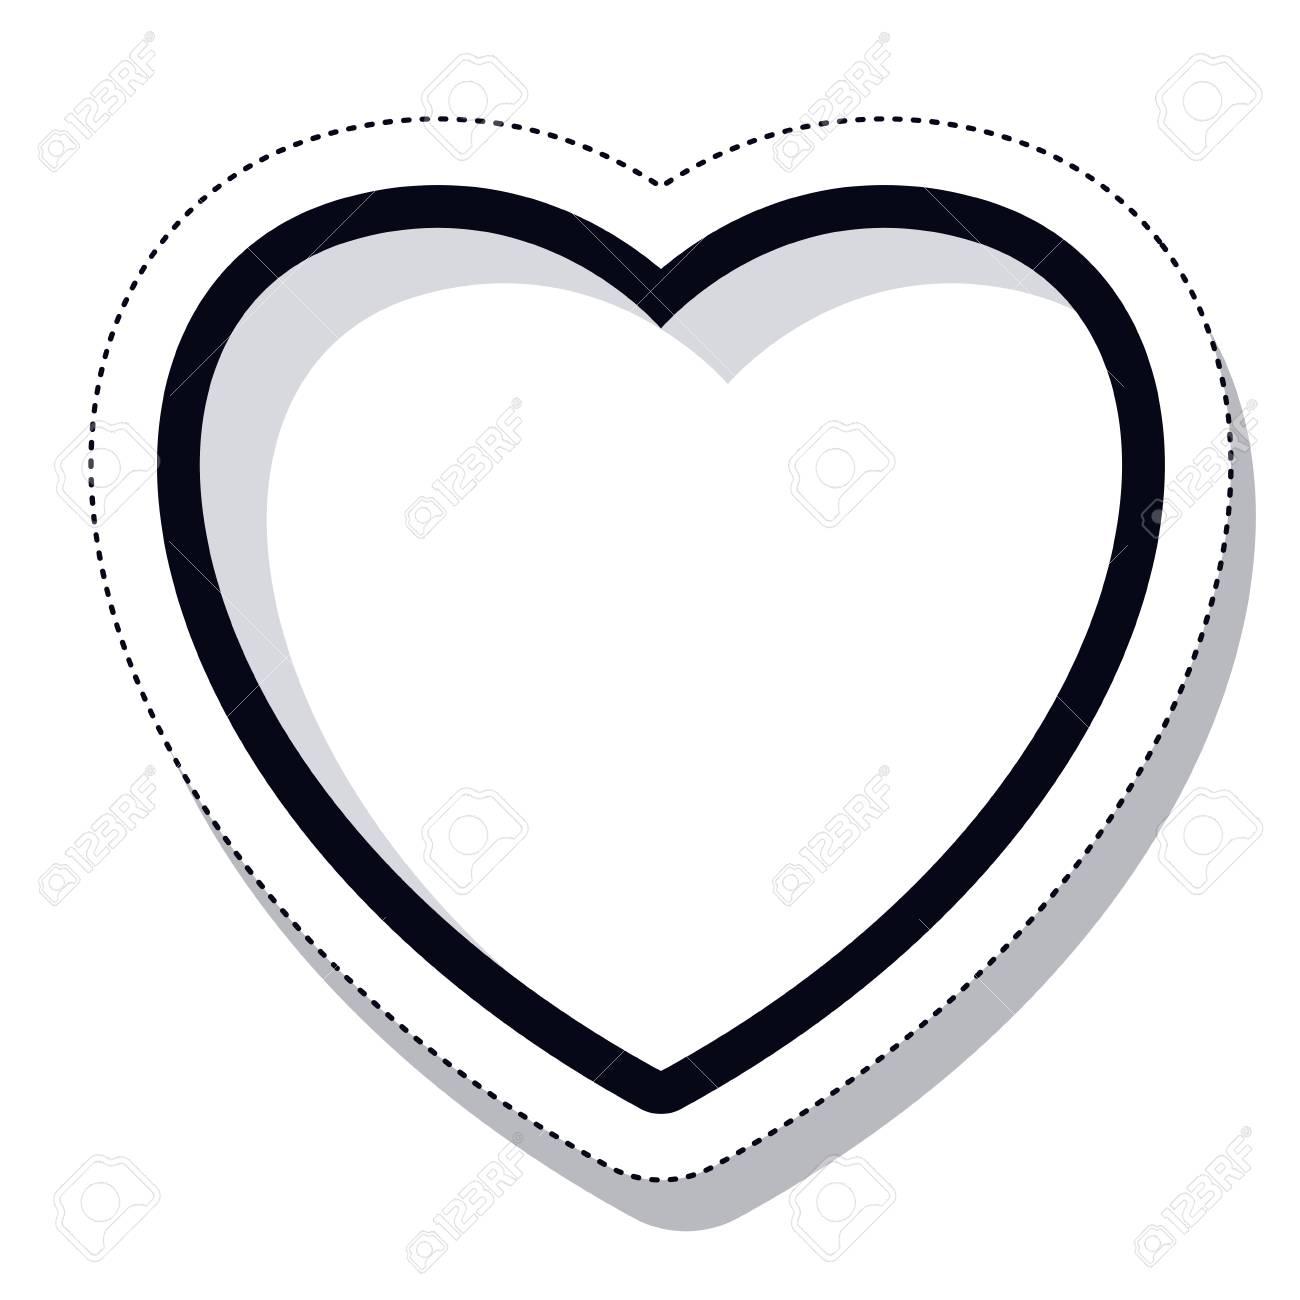 Icono De Corazón Blanco Y Negro Amor Y Tema Romántico Diseño